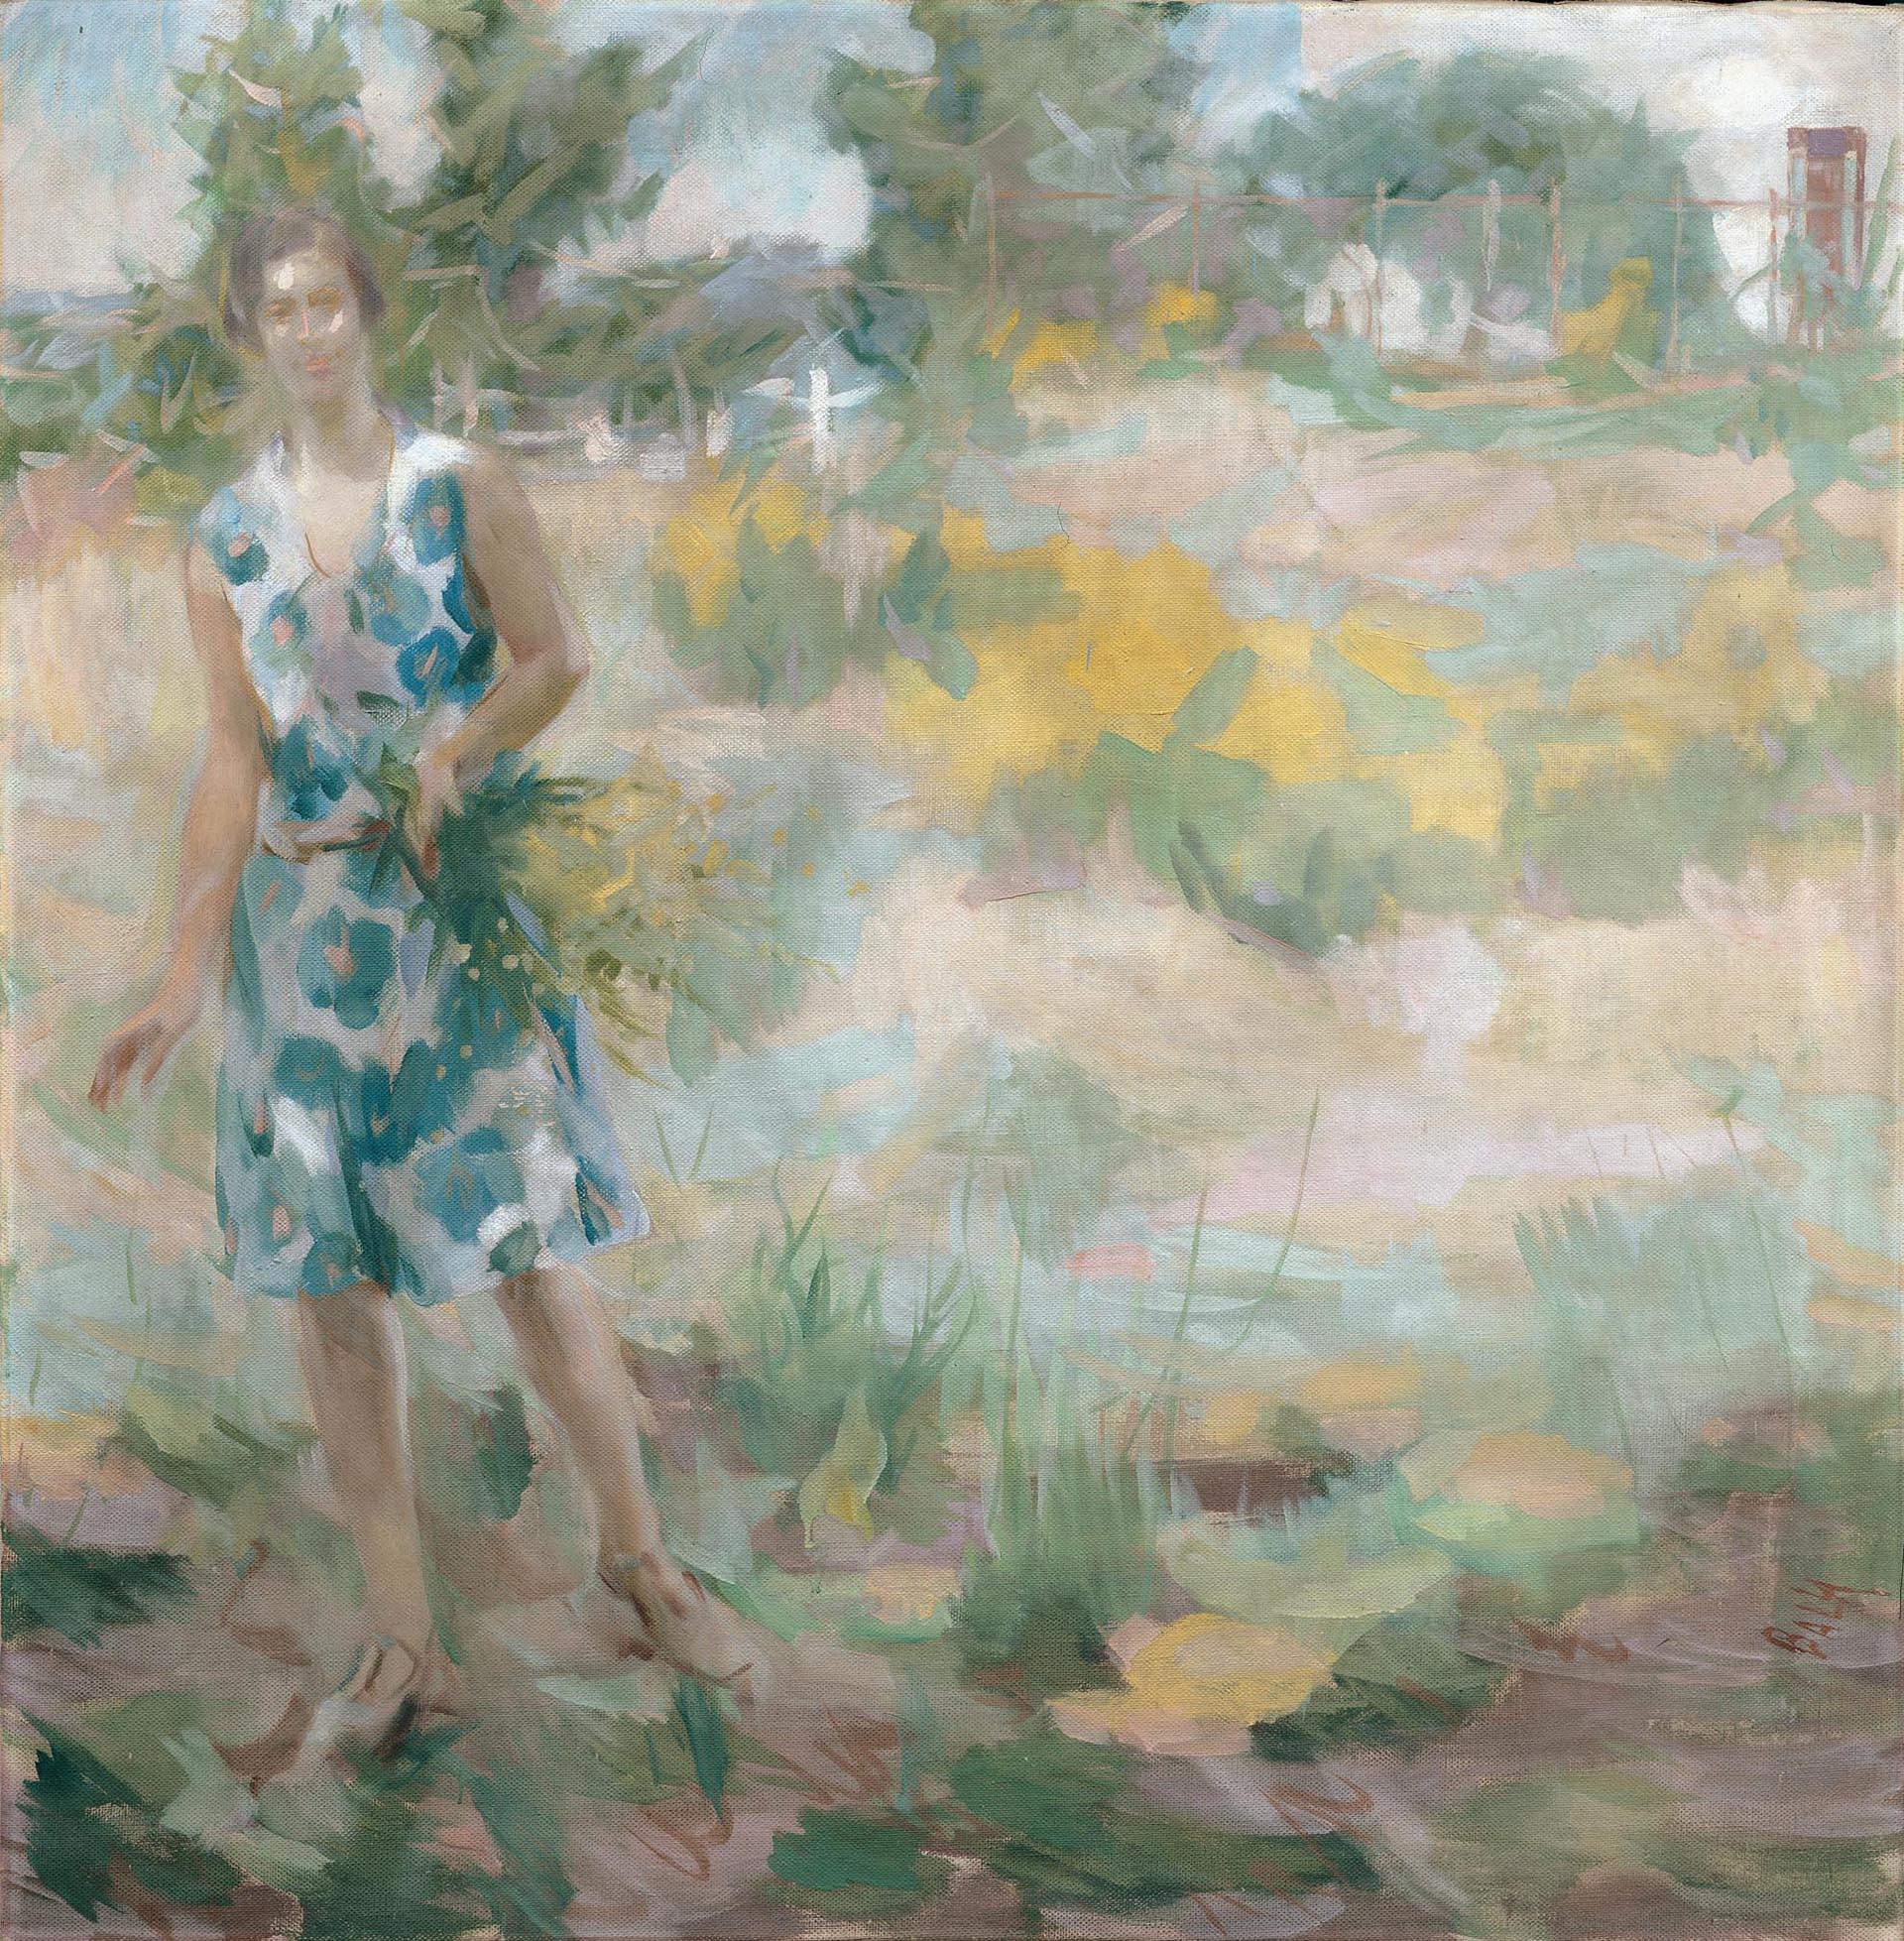 Balla, Luce nella luce, 1928, 131x131 cm